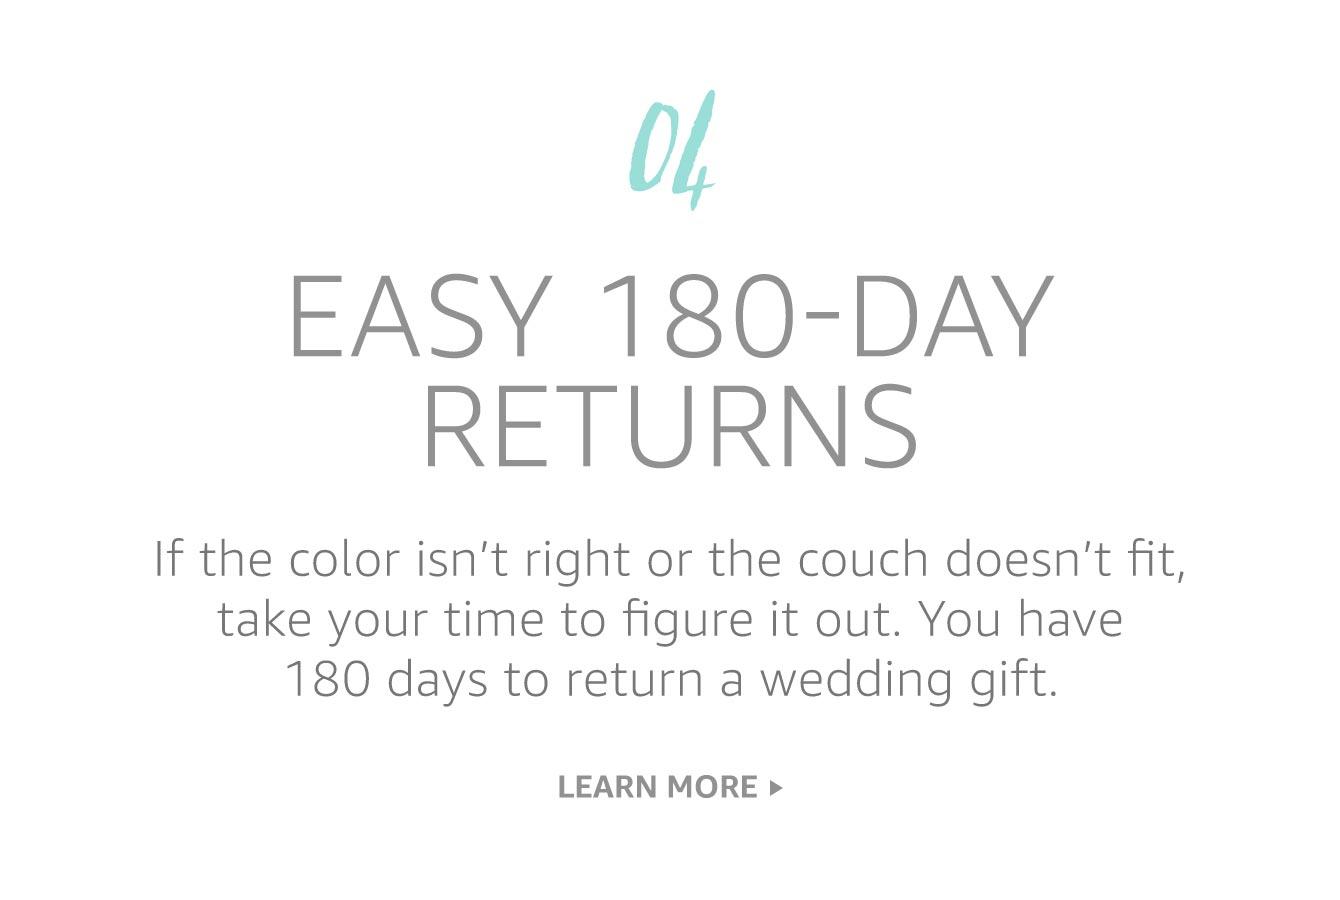 Easy 180-day returns